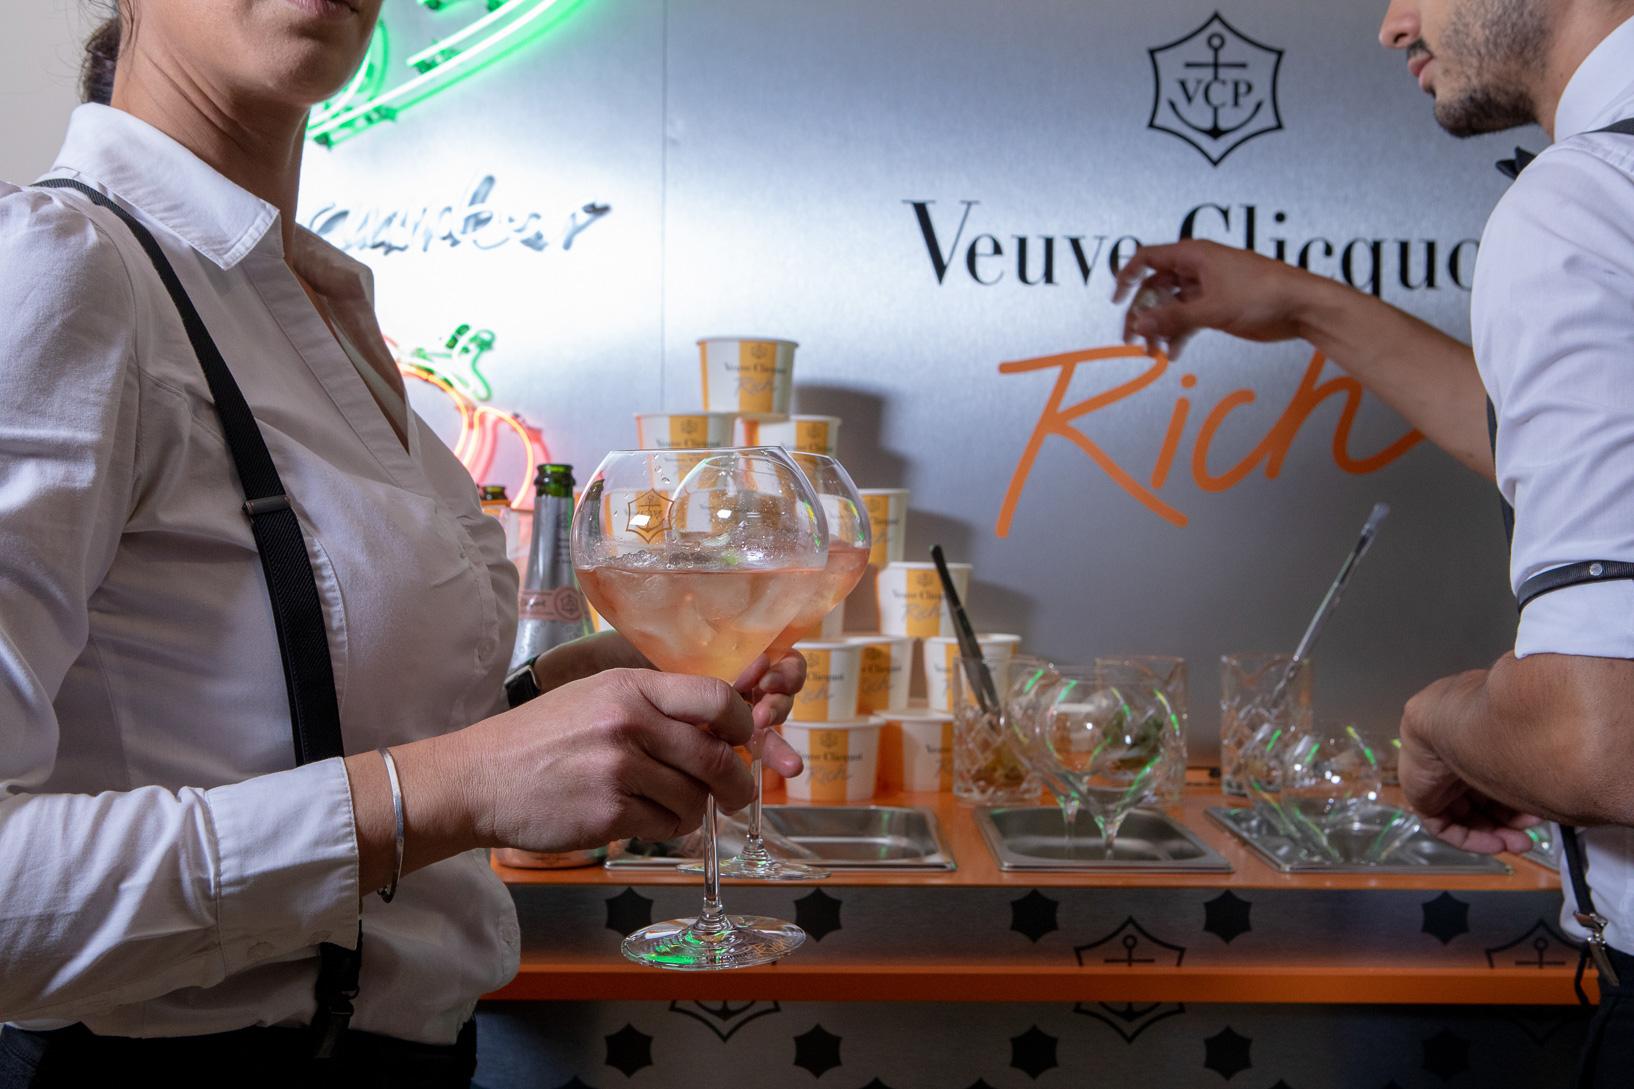 VEUVE-CLICQUOT_Coolest-Rich-Bar_SPIRITUEUX_Champagne-Bar-Evenementiel_PLANET-DESIGN-PARIS-Eric-Berthes_05.jpg